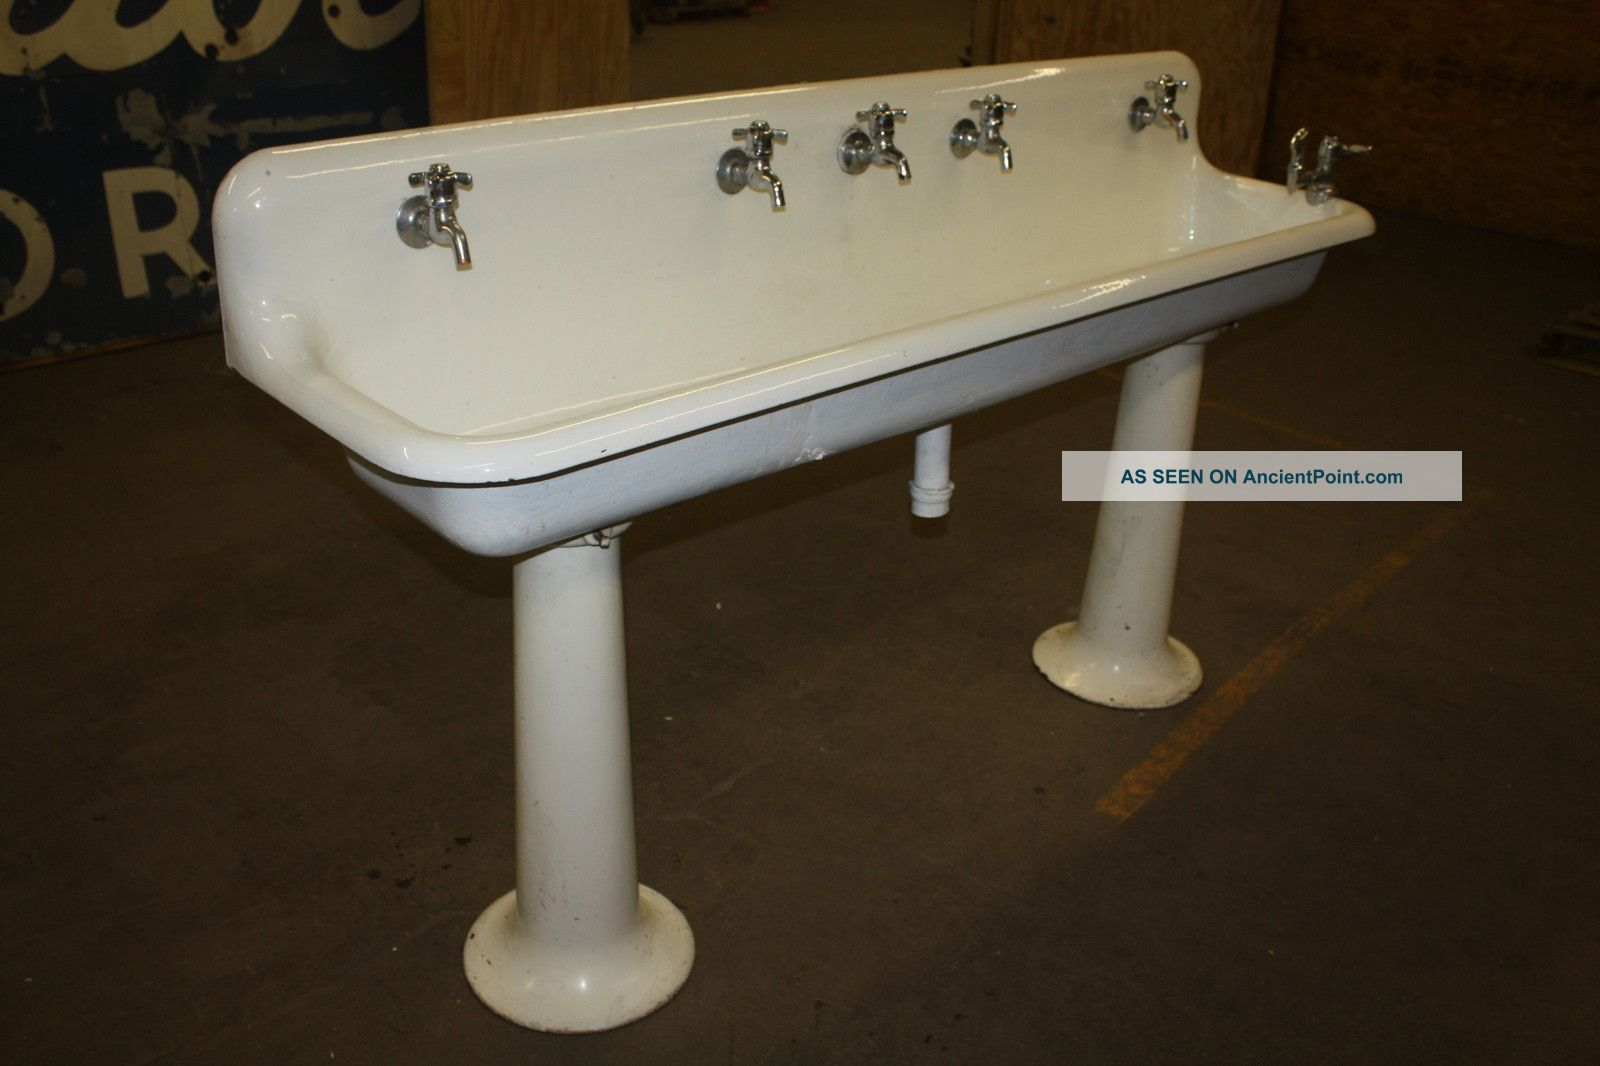 Antique Industrial Porcelain Gang Sink On Pedestal Legs 6 Ft. Good 4 ...